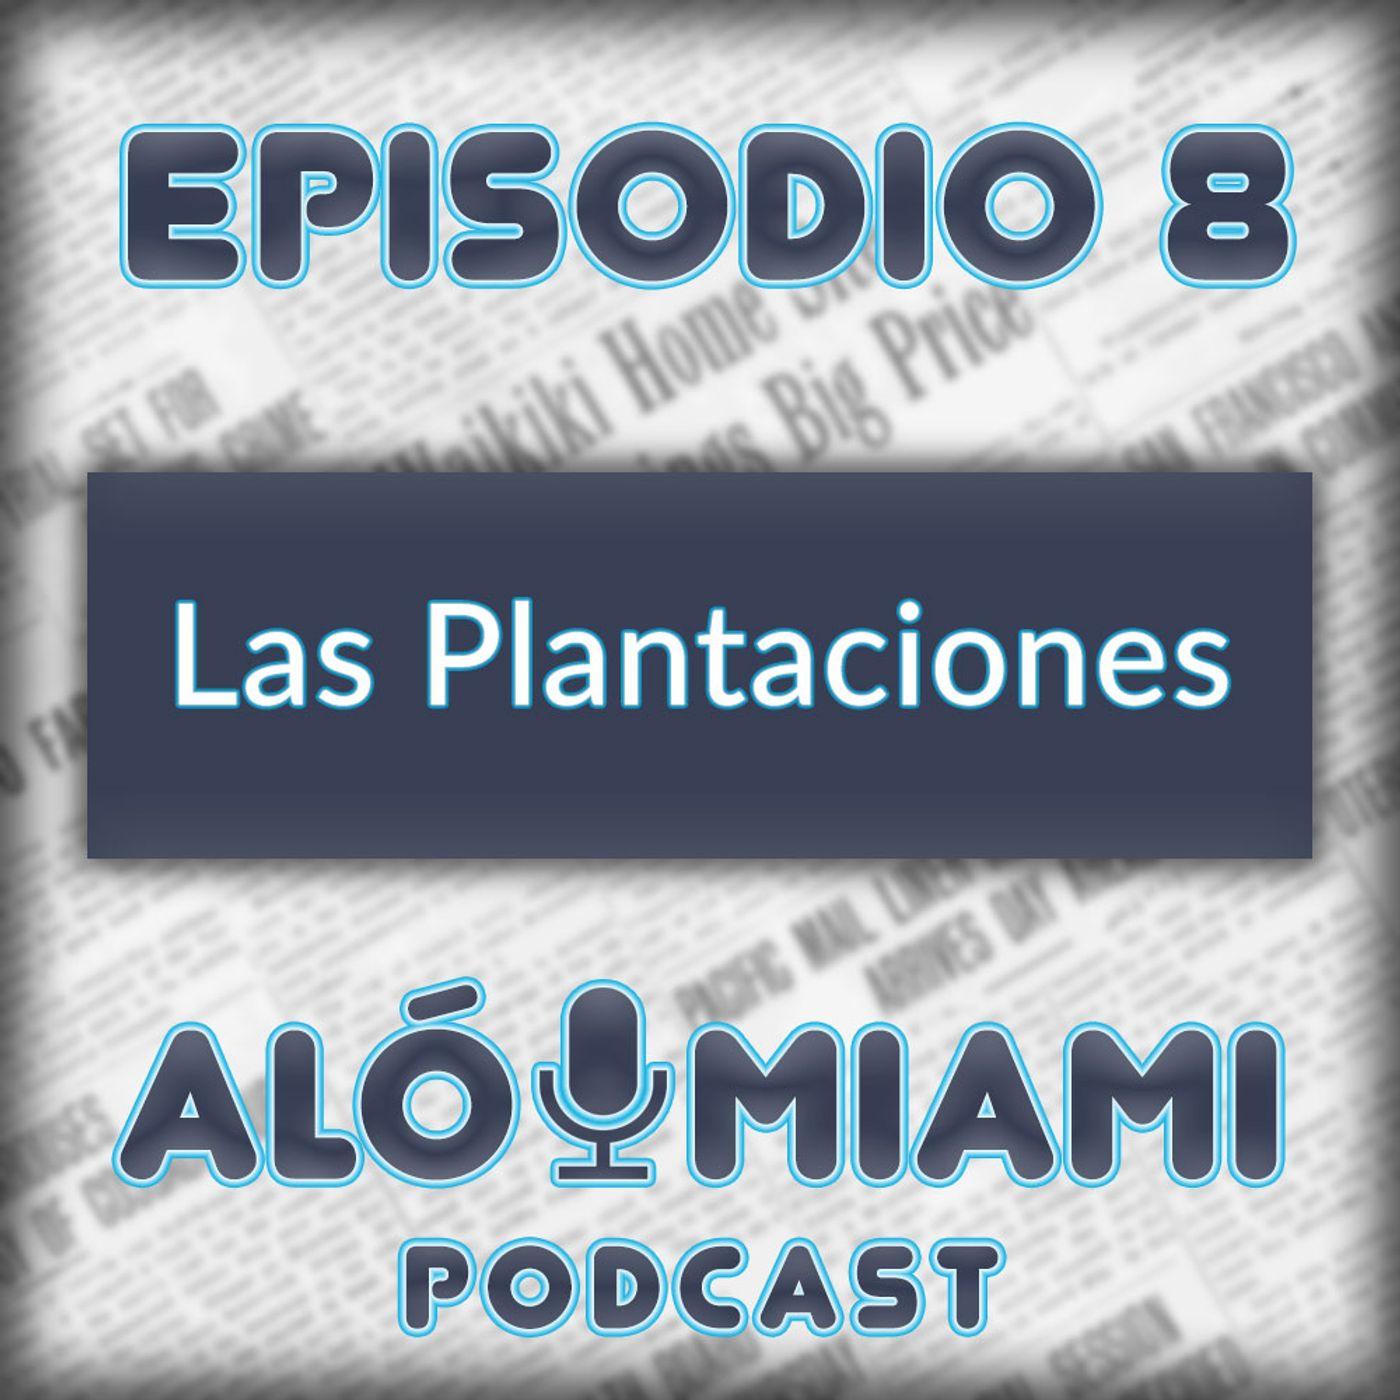 Aló Miami-Ep. 8 - Las Plantaciones